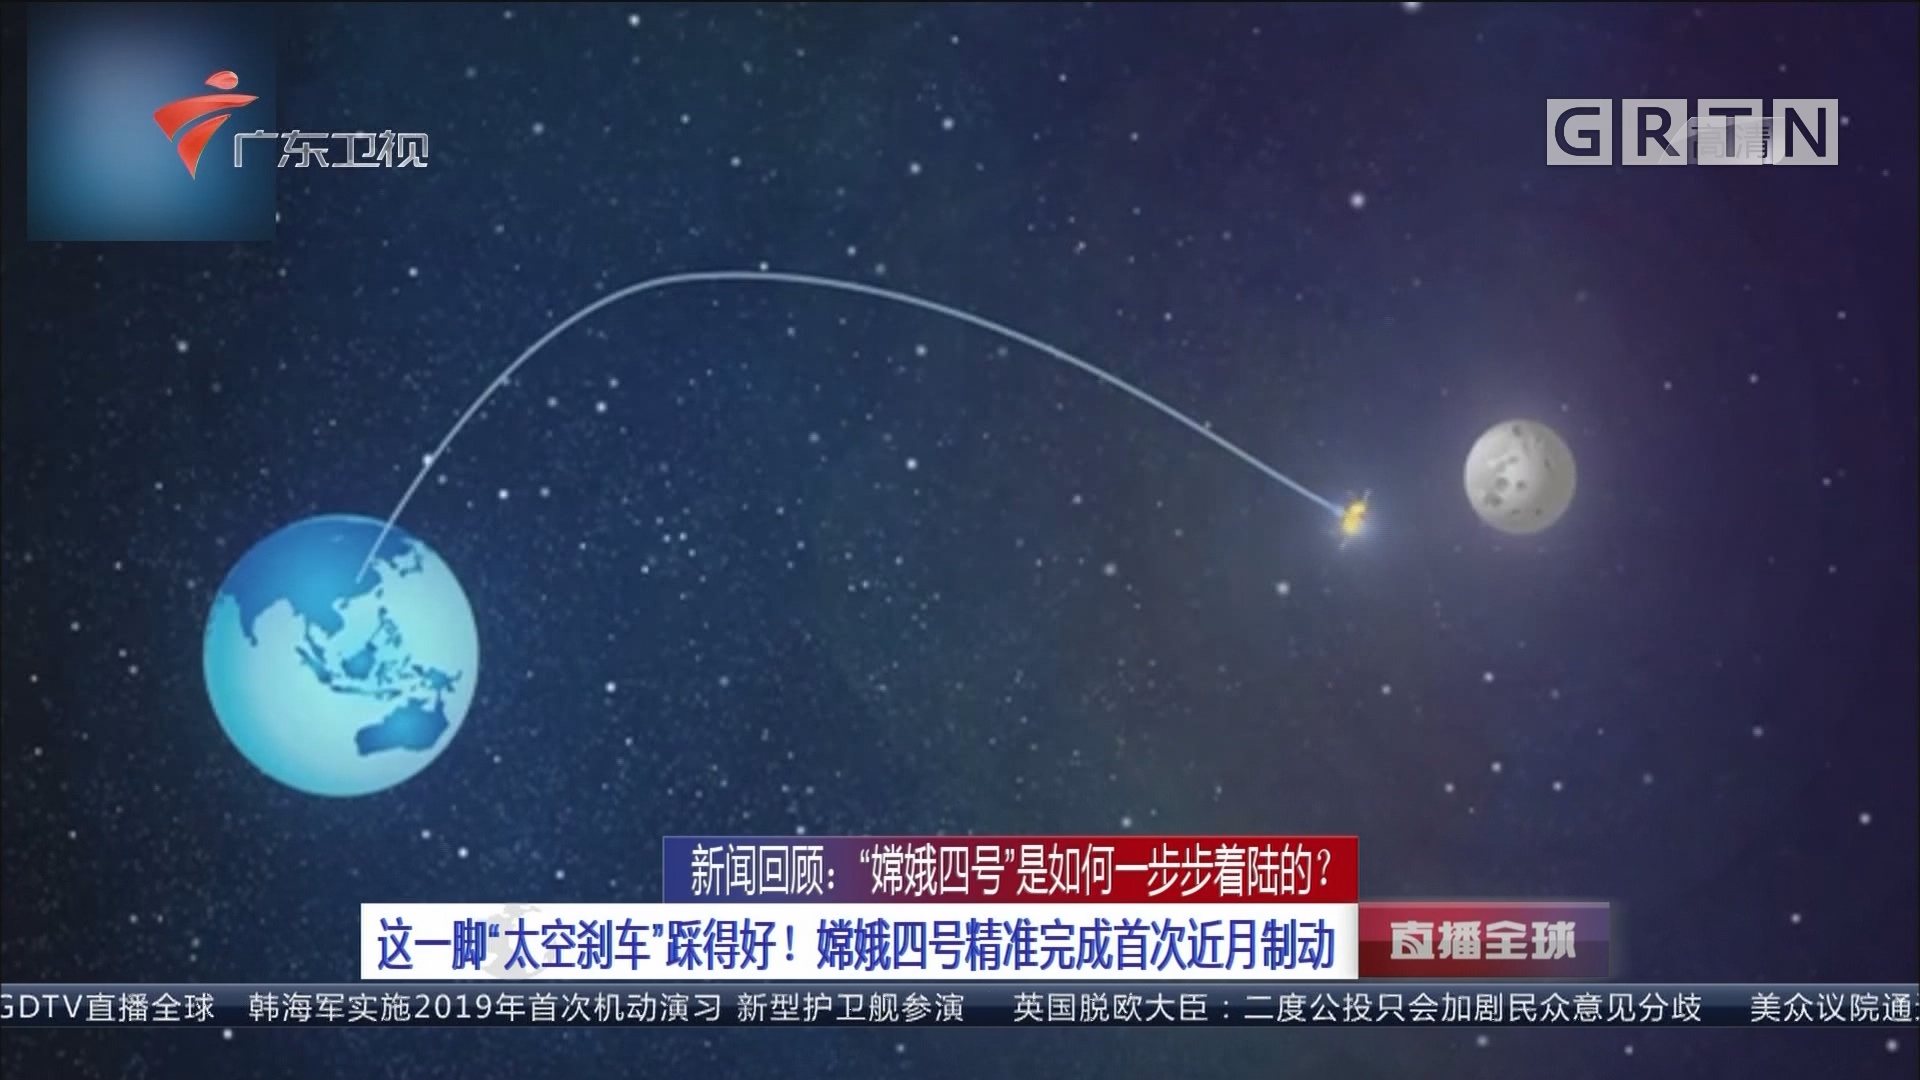 """新闻回顾:""""嫦娥四号""""是如何一步步着陆的? 这一脚""""太空刹车""""踩得好!嫦娥四号精准完成首次近月制动"""